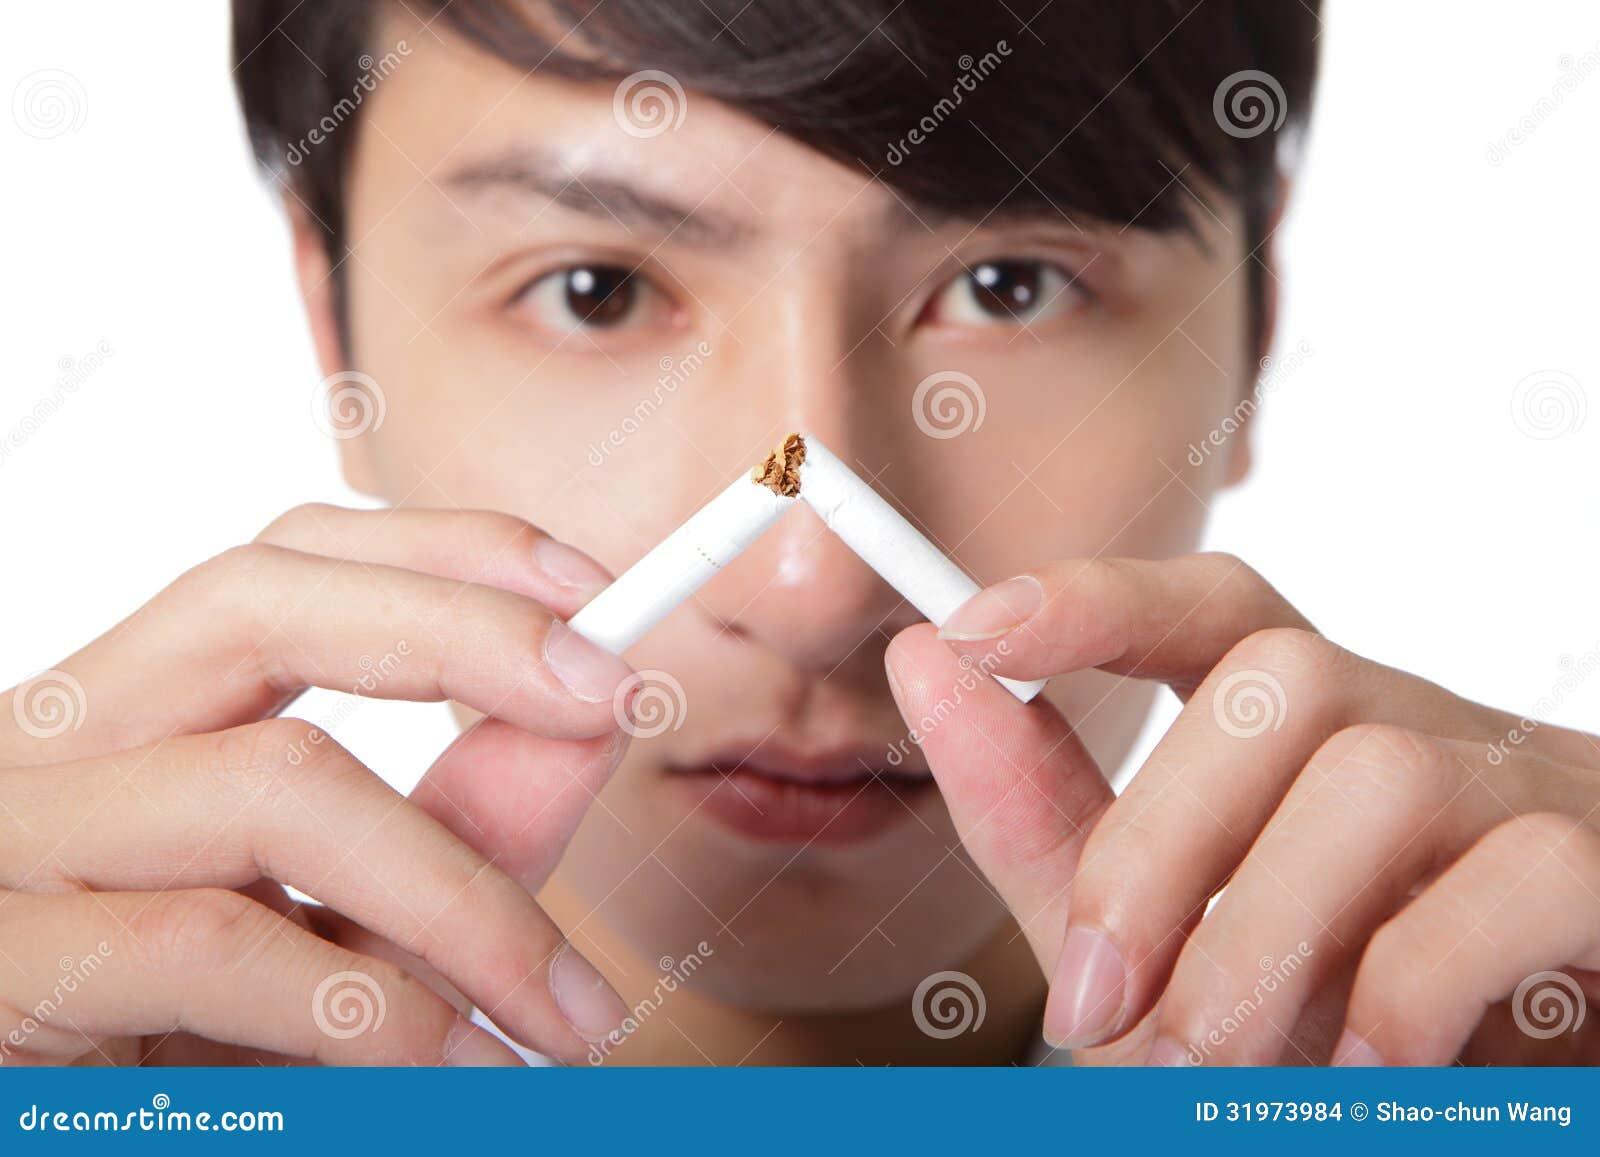 smoking men sucking men